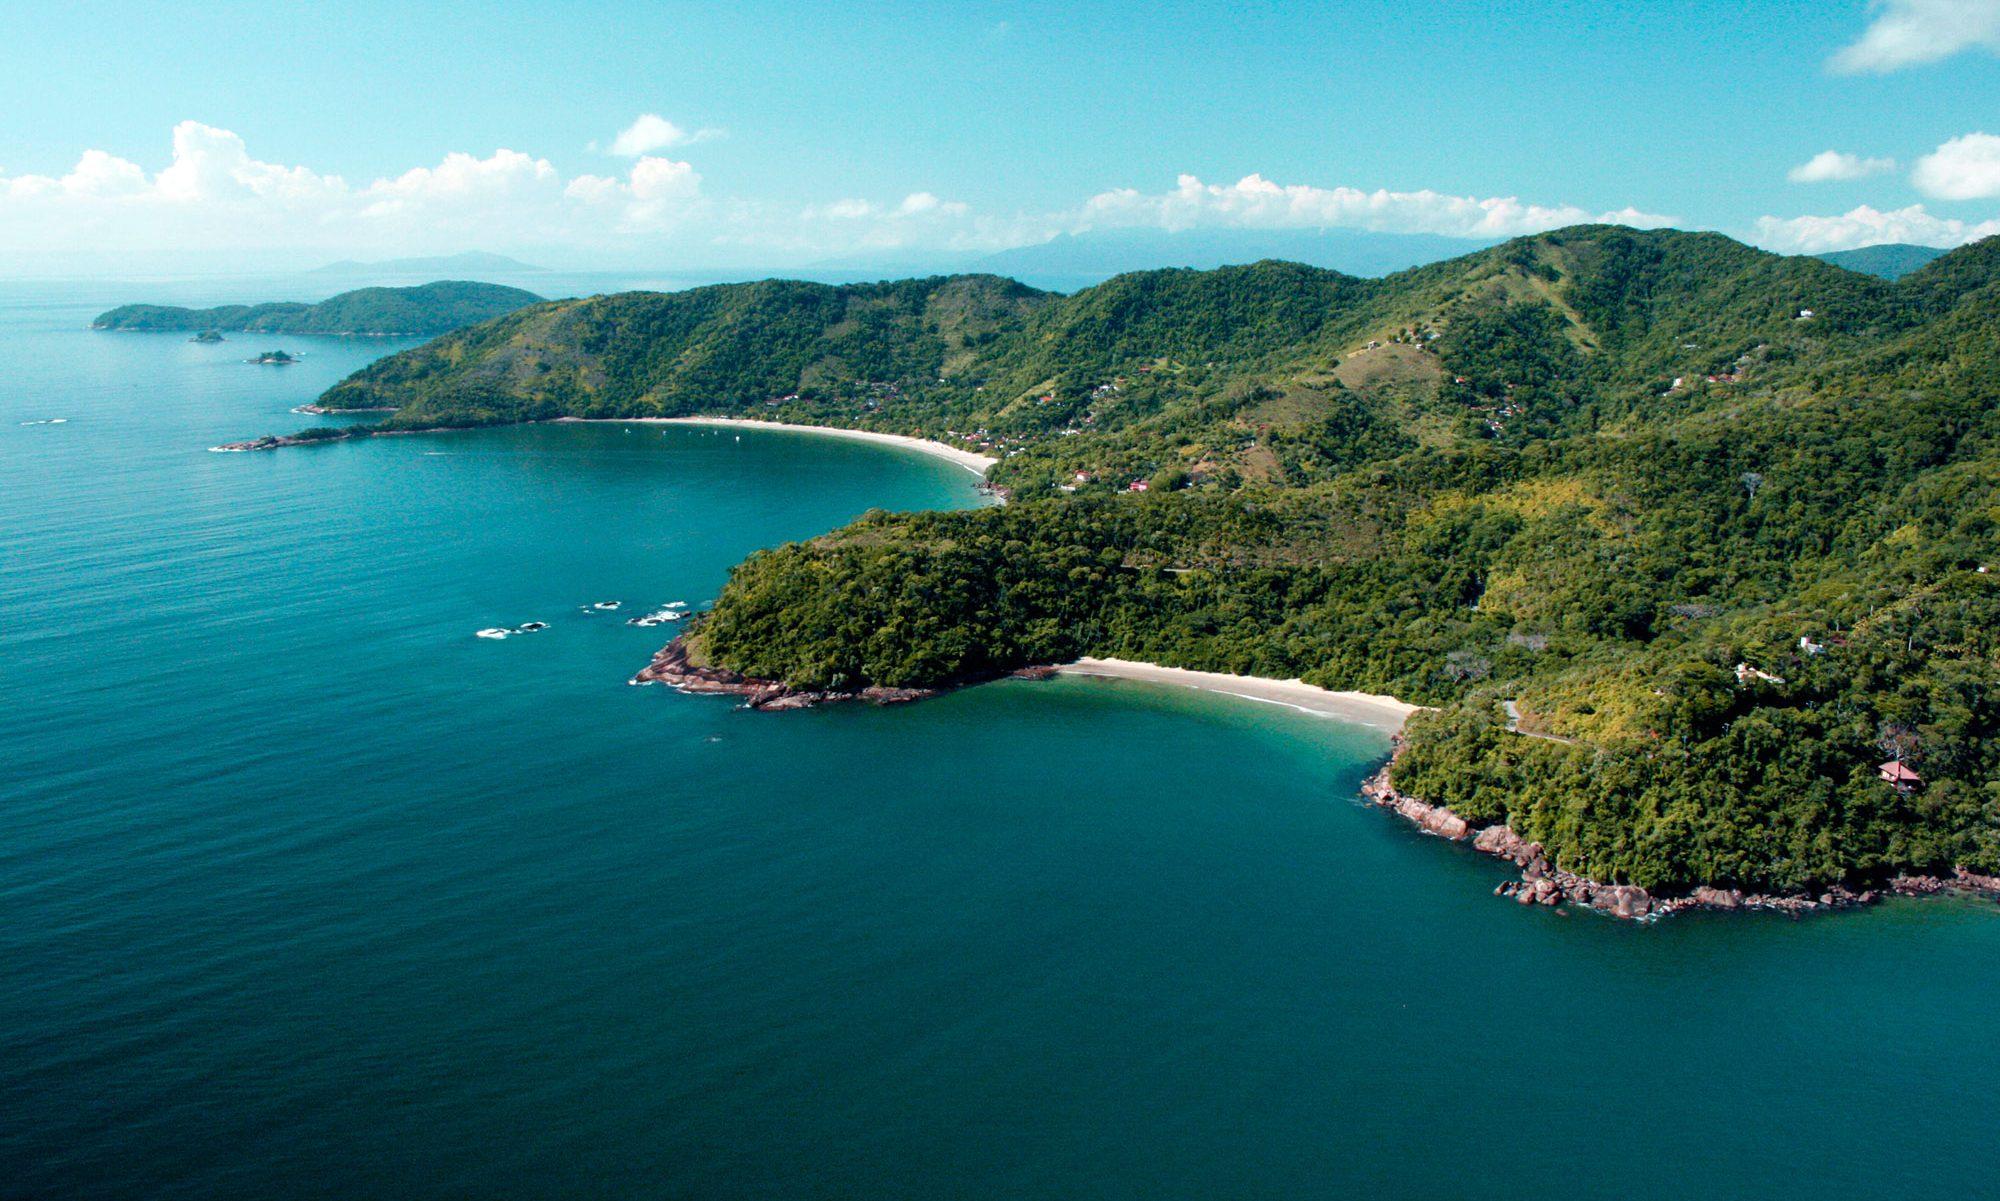 costa sul de ubatuba